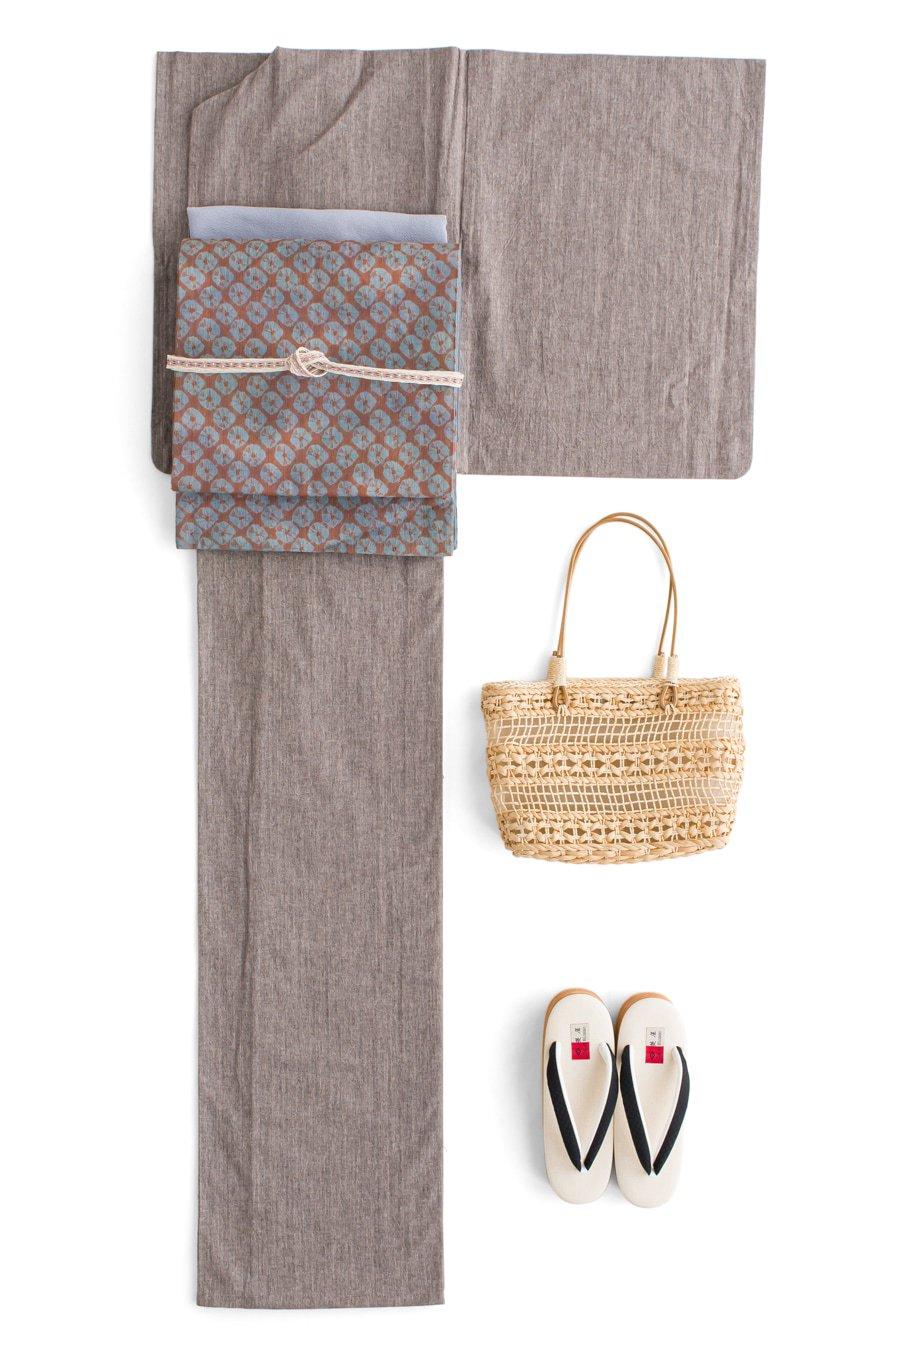 「新品 単衣無地木綿着物 アッシュブラウン」の商品画像